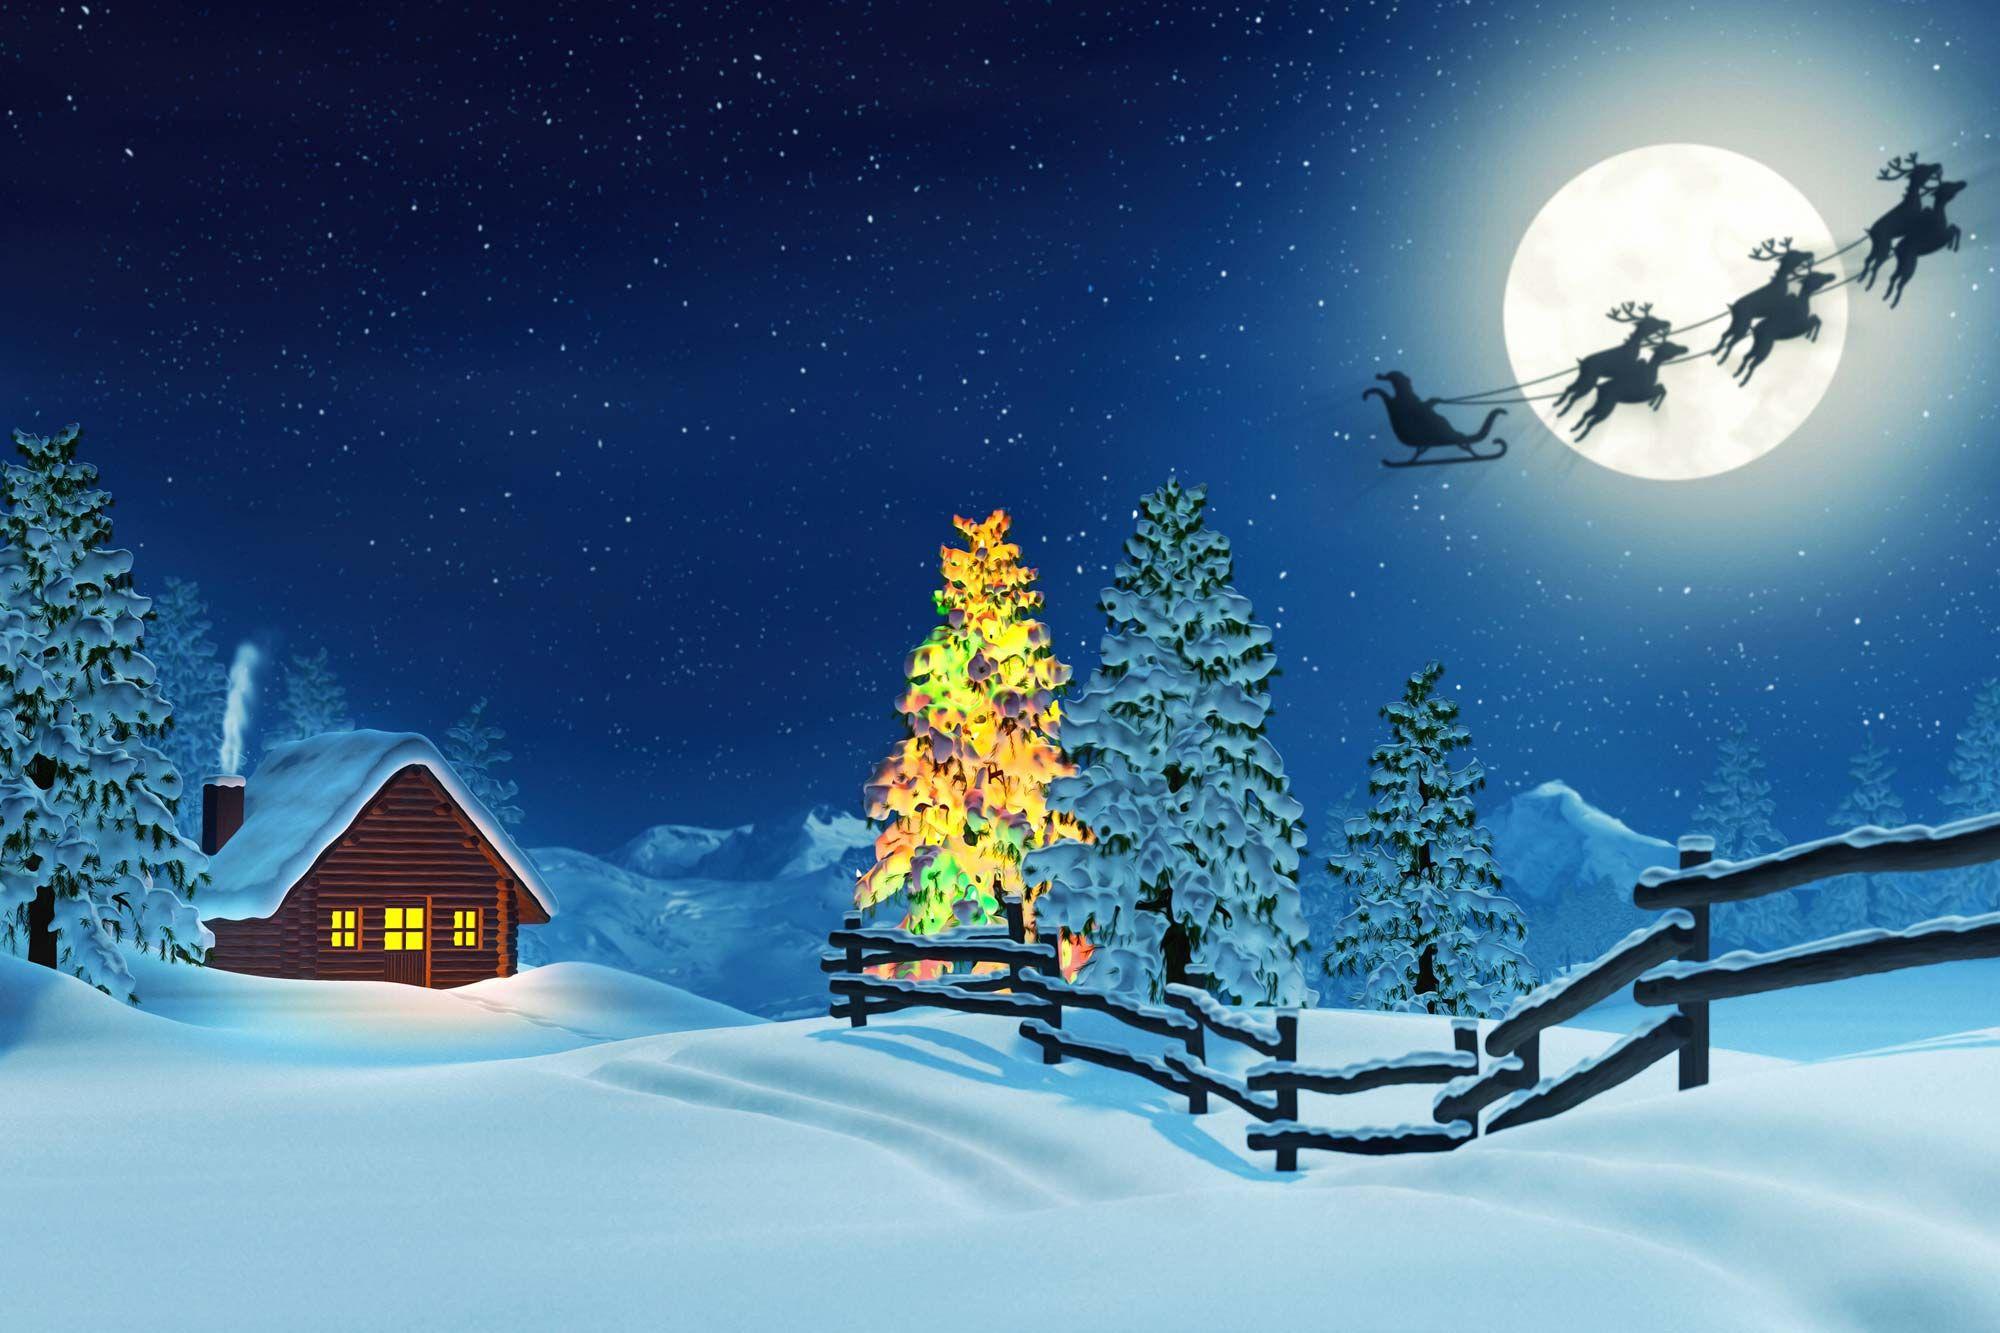 Julen lämnar ingen oberörd. Antingen älskar men den, eller så vill man helst hoppa över hela december. Här fokuserar vi på julälskaren. Känner du igen dig på minst 15 av dessa punkter, ja då är du förmodligen galen i julen!